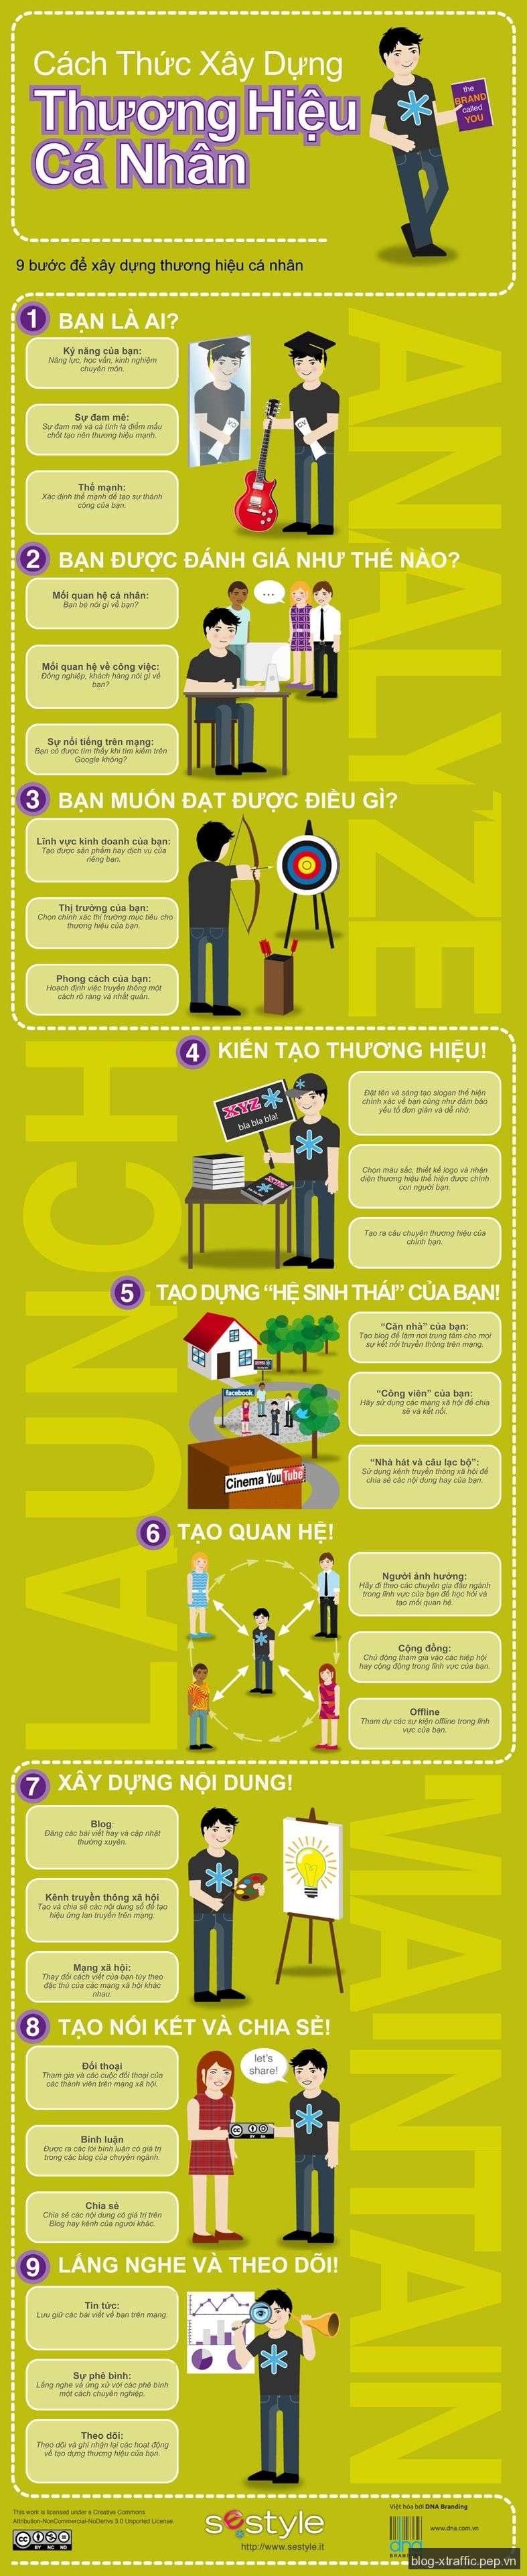 [Infographic] 9 bước xây dựng thương hiệu cá nhân - infographic thương hiệu cá nhân xây dựng thương hiệu - Marketing